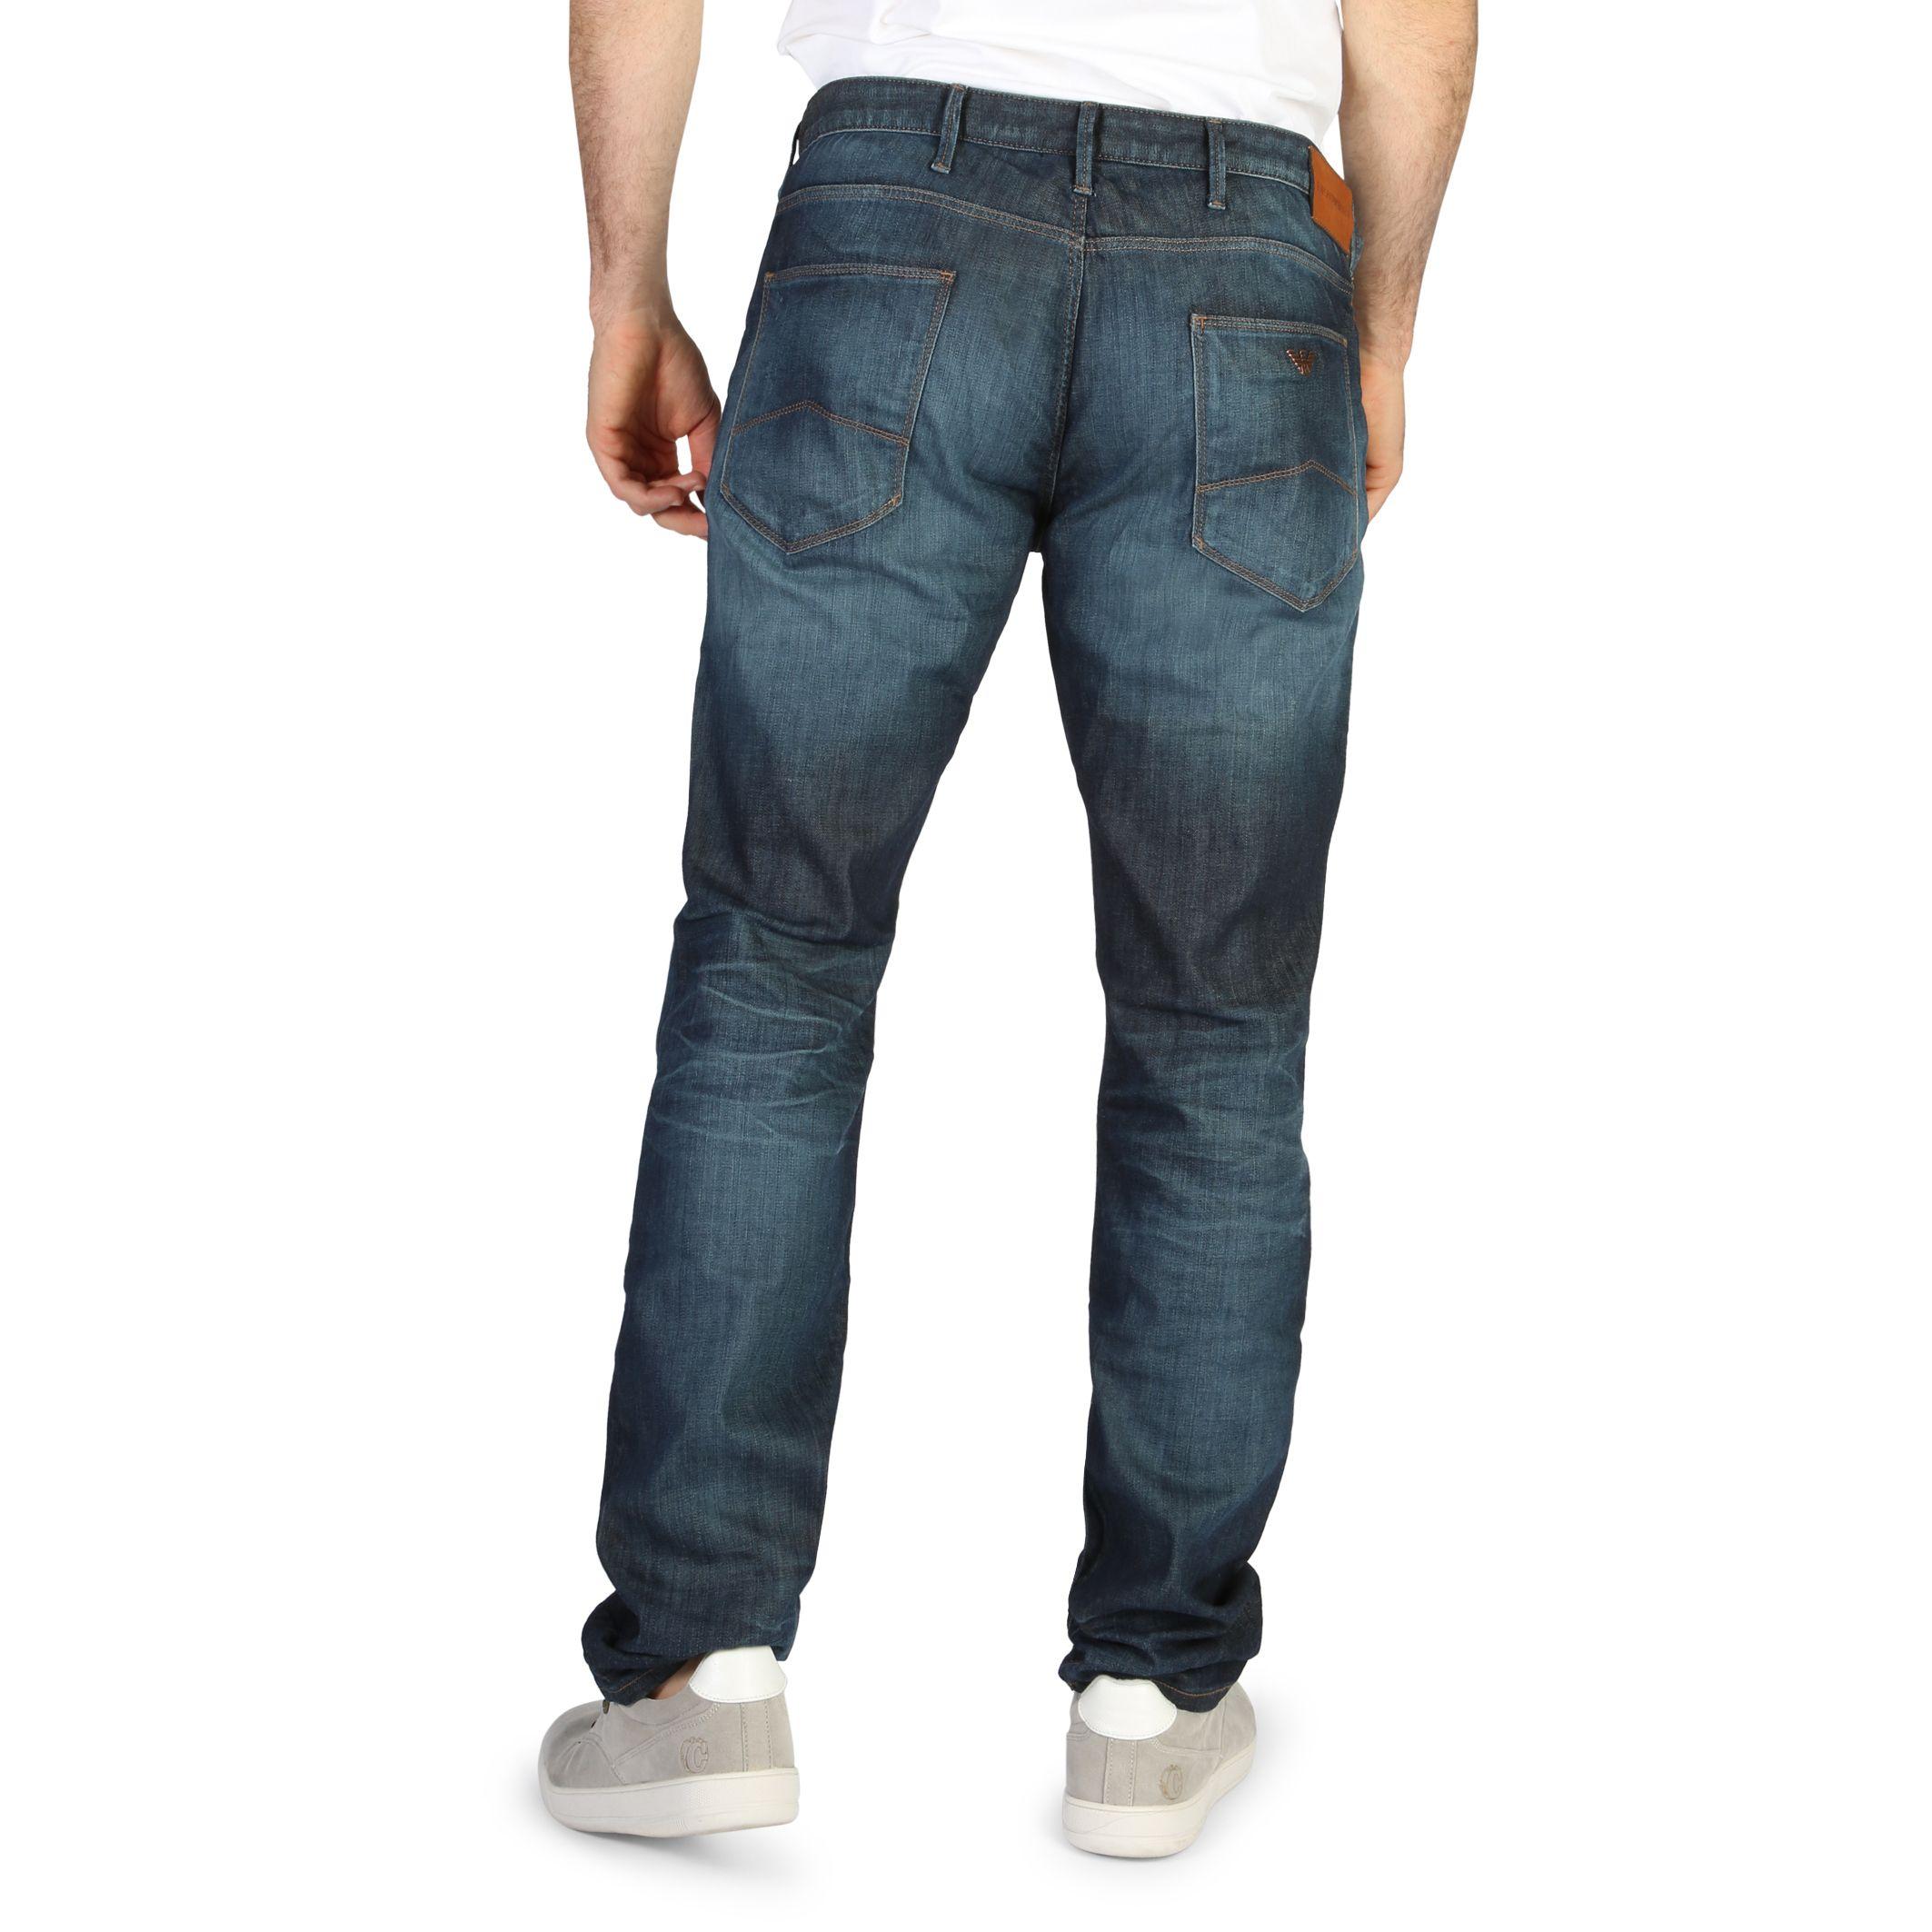 Emporio Armani – 3Z1J061D10Z0 L34 Jeans